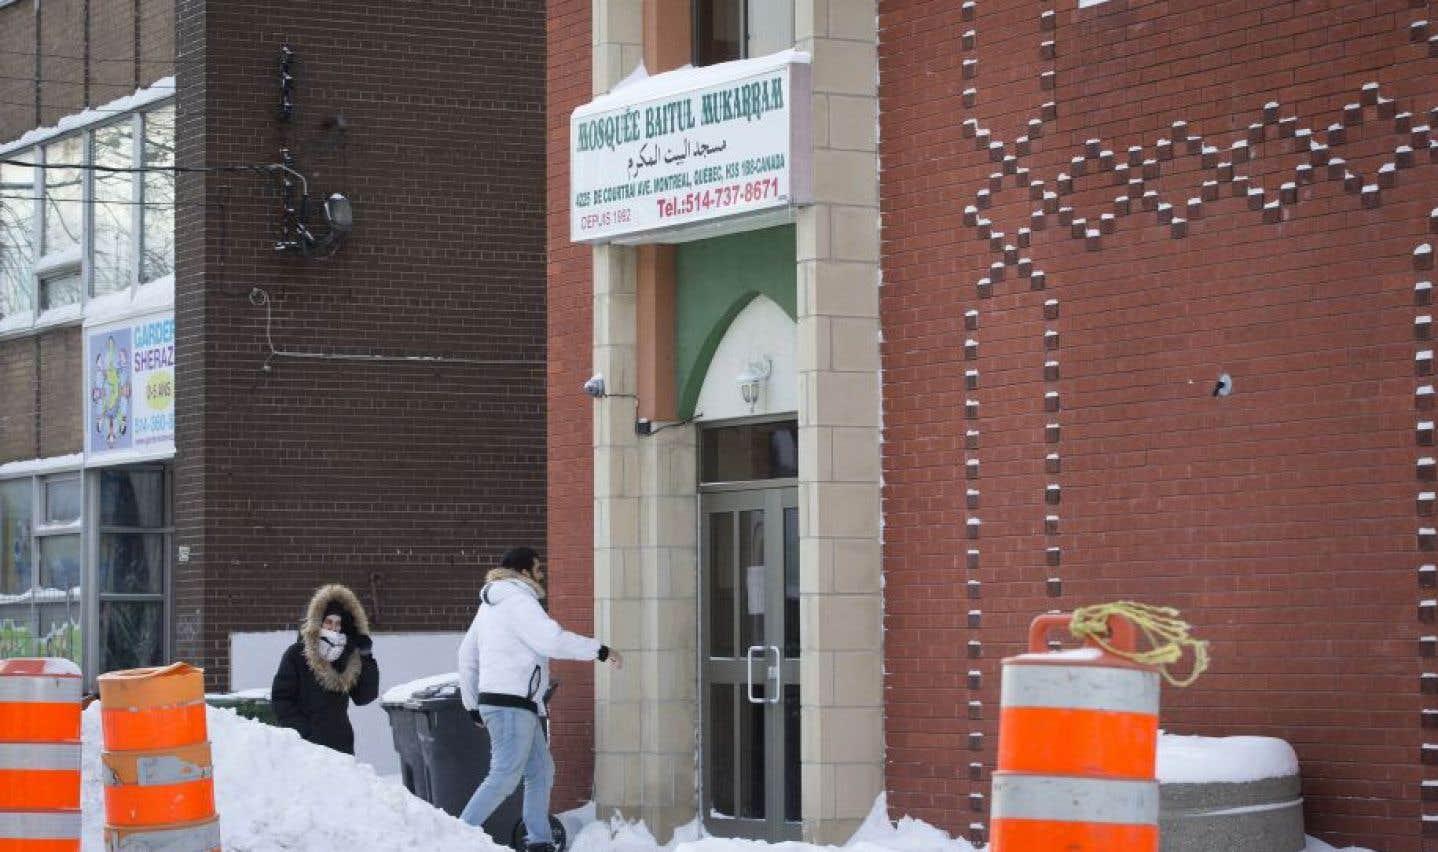 Les représentants des mosquées avaient vigoureusement nié l'information dès le départ.